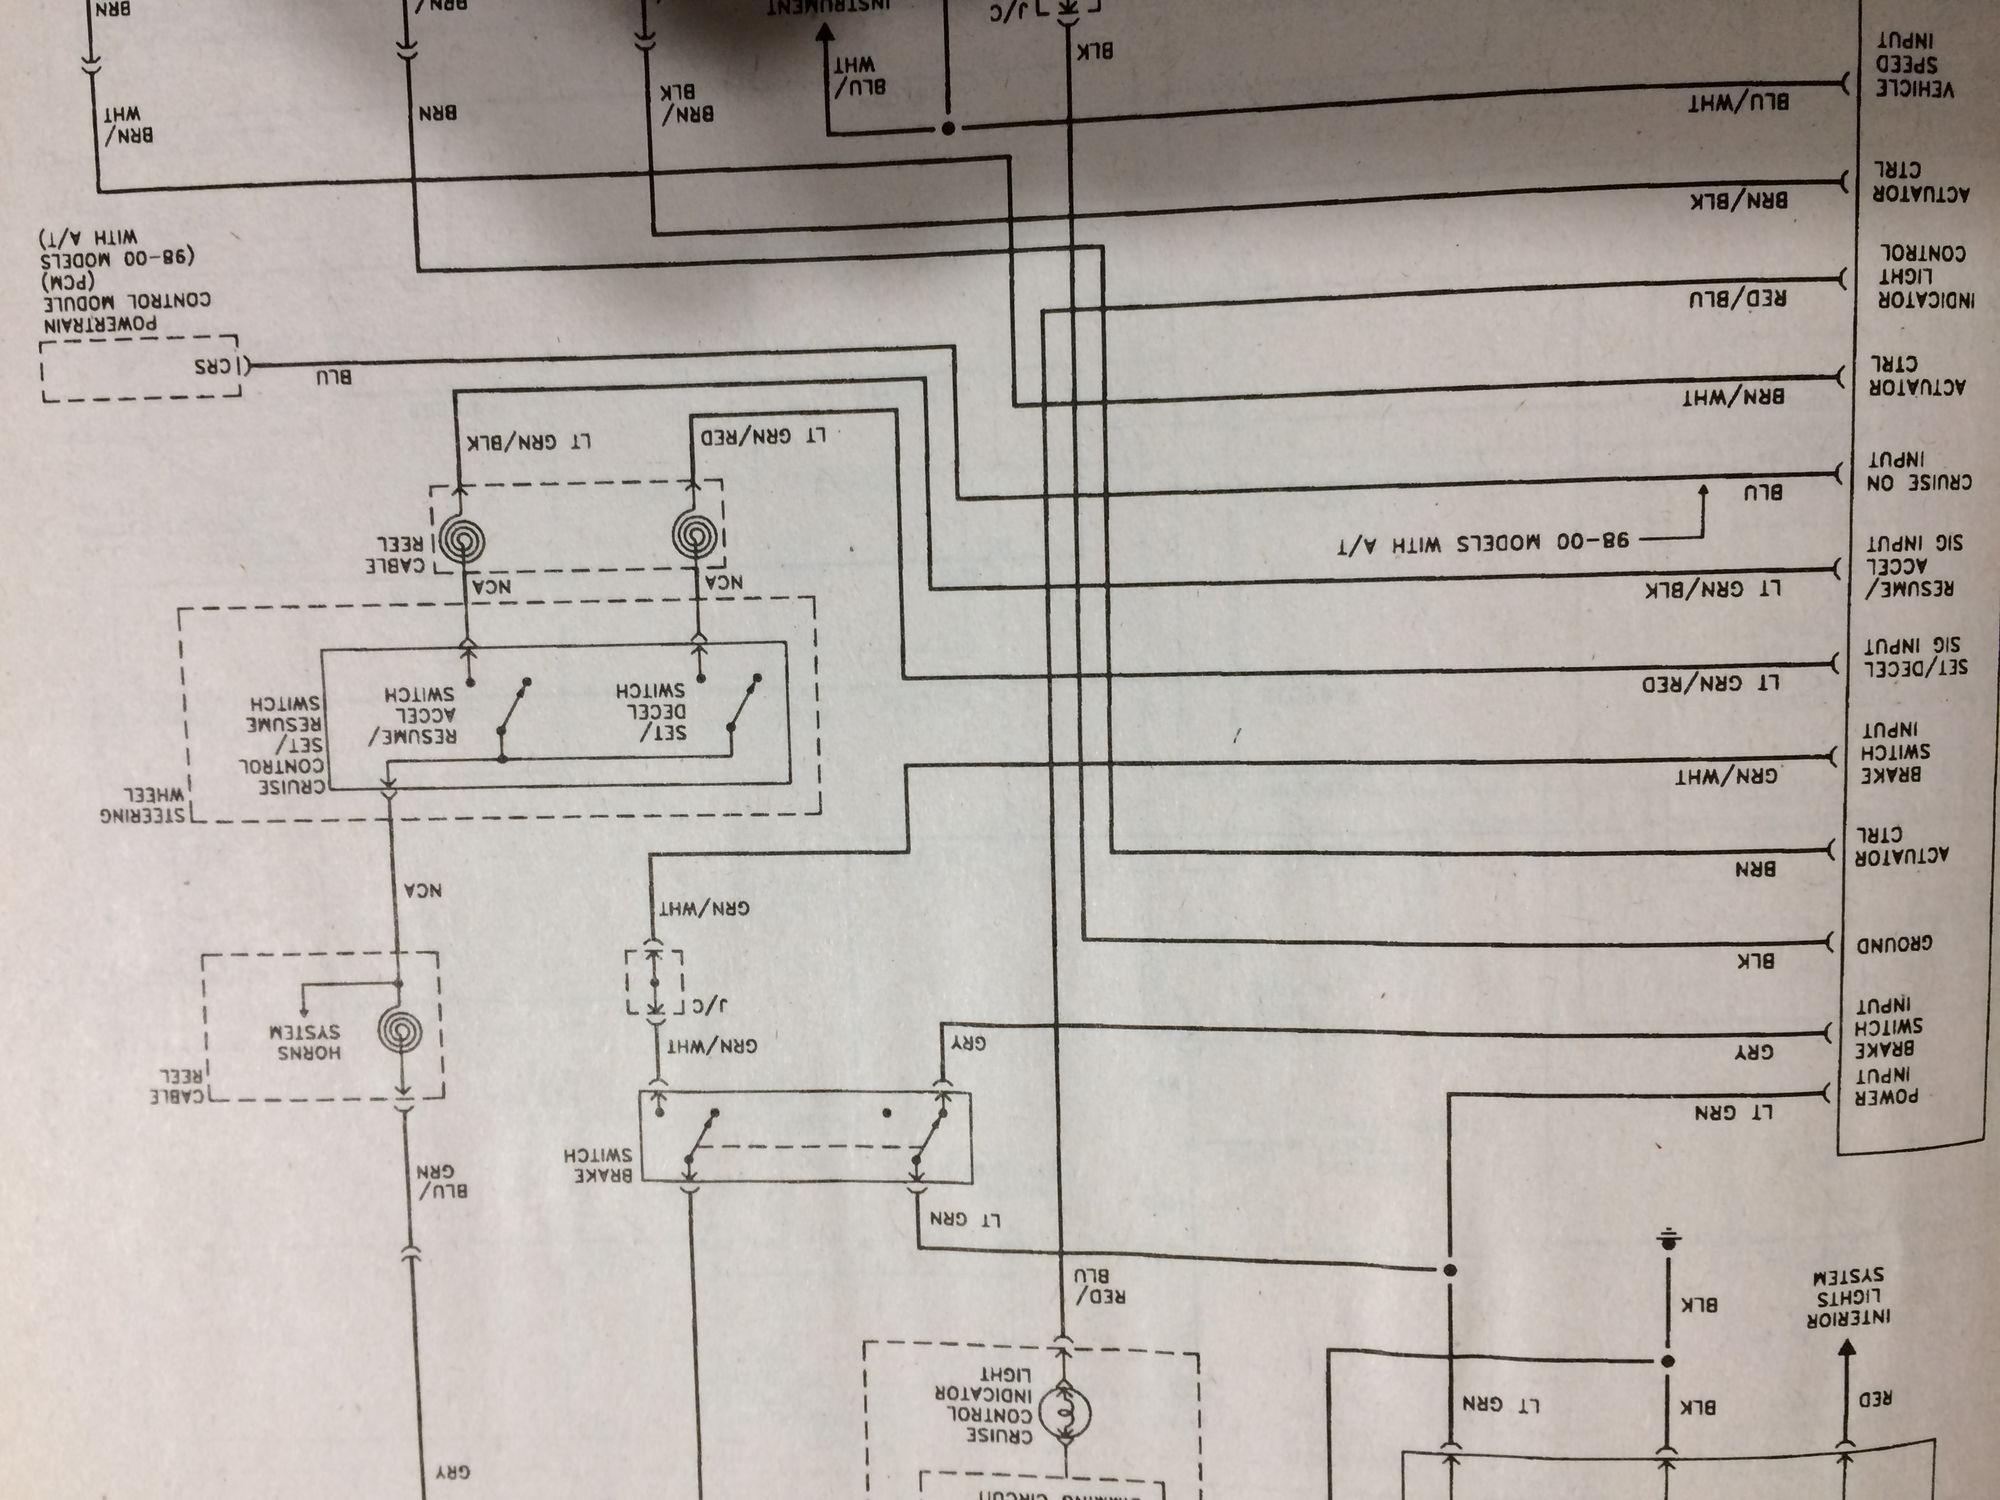 honda crv wiring diagram jeep diagrams cherokee 2006 steering wheel 2012 cr